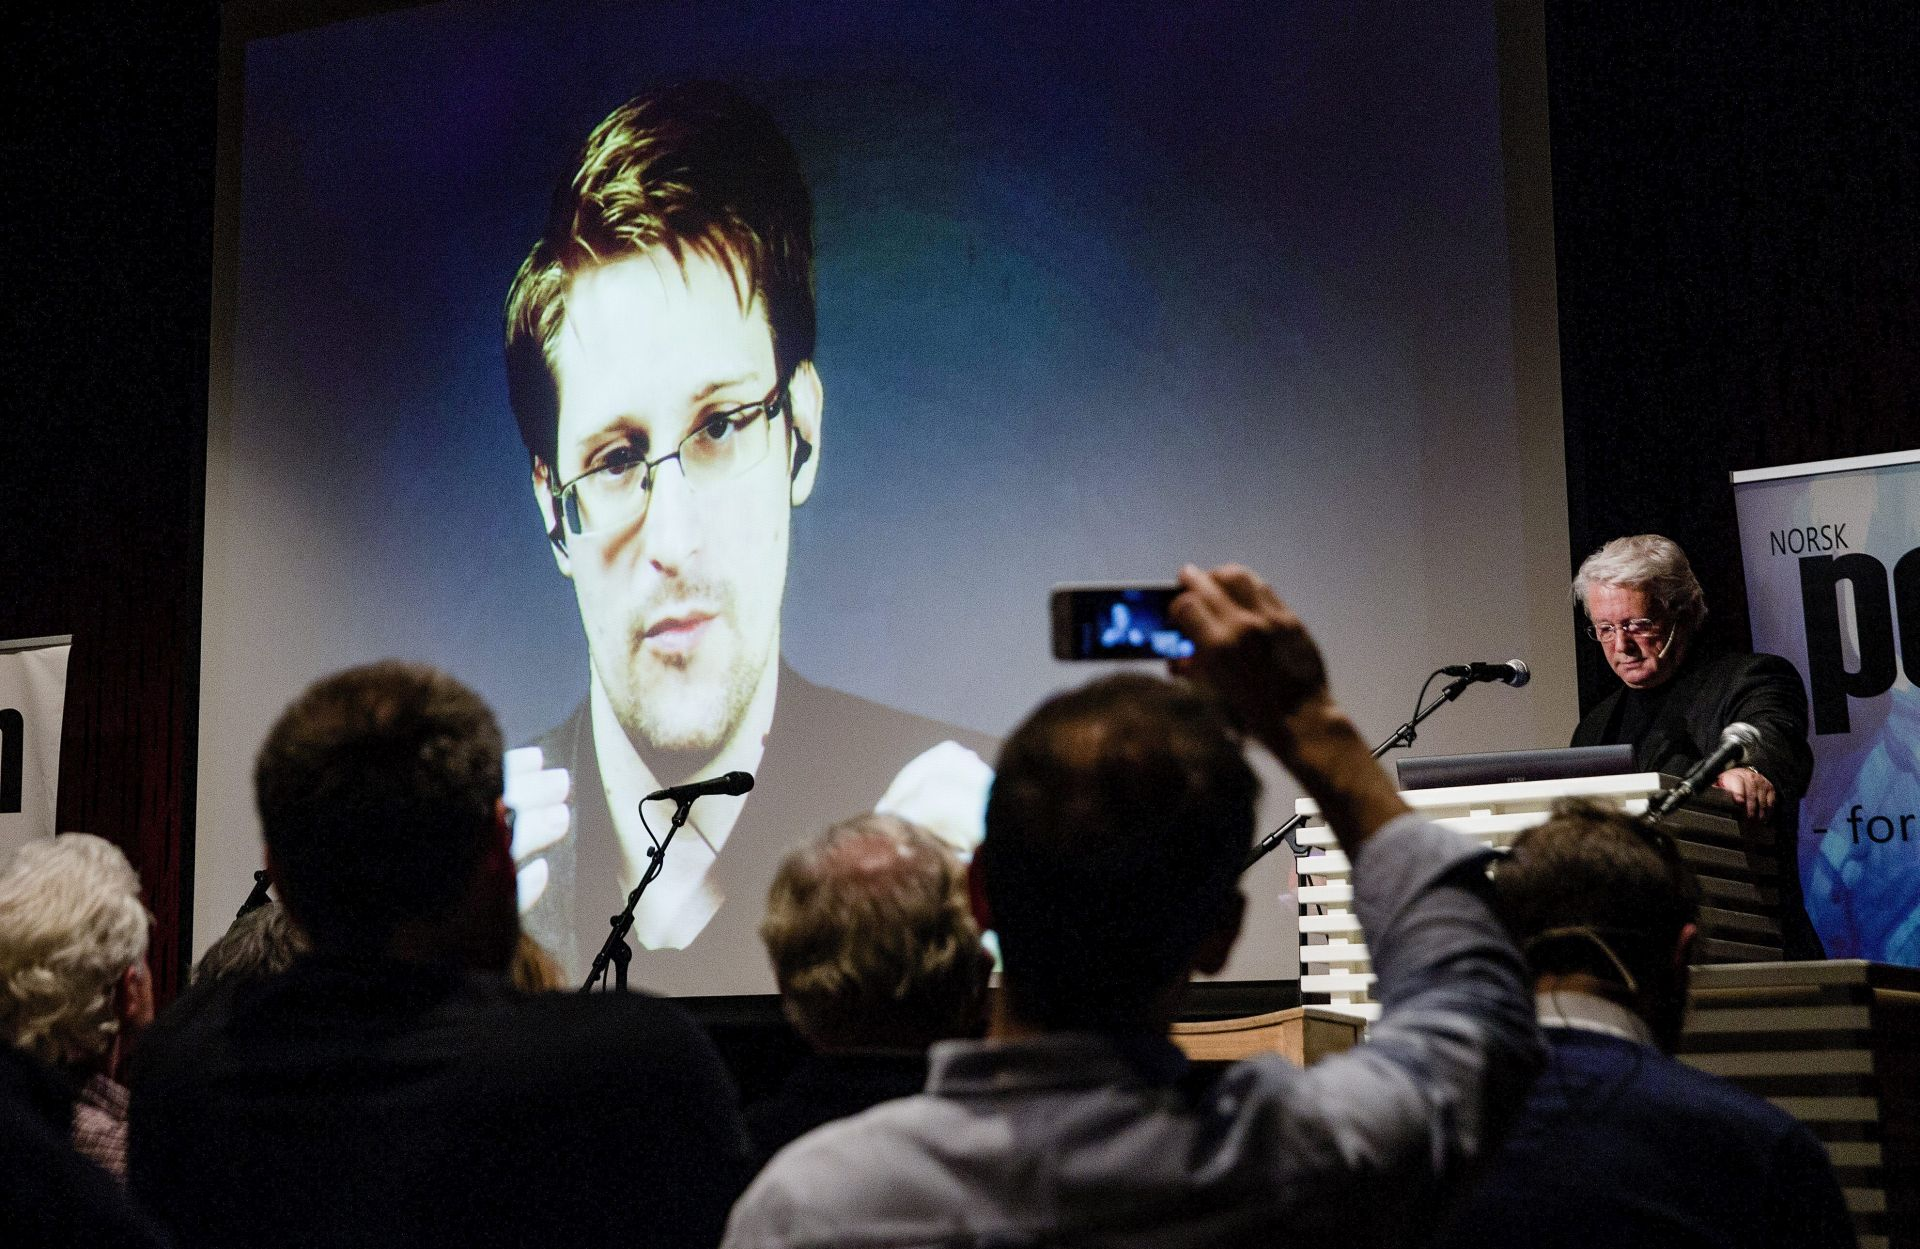 RUSKO MVP: Produljen boravak Snowdenu za još nekoliko godina